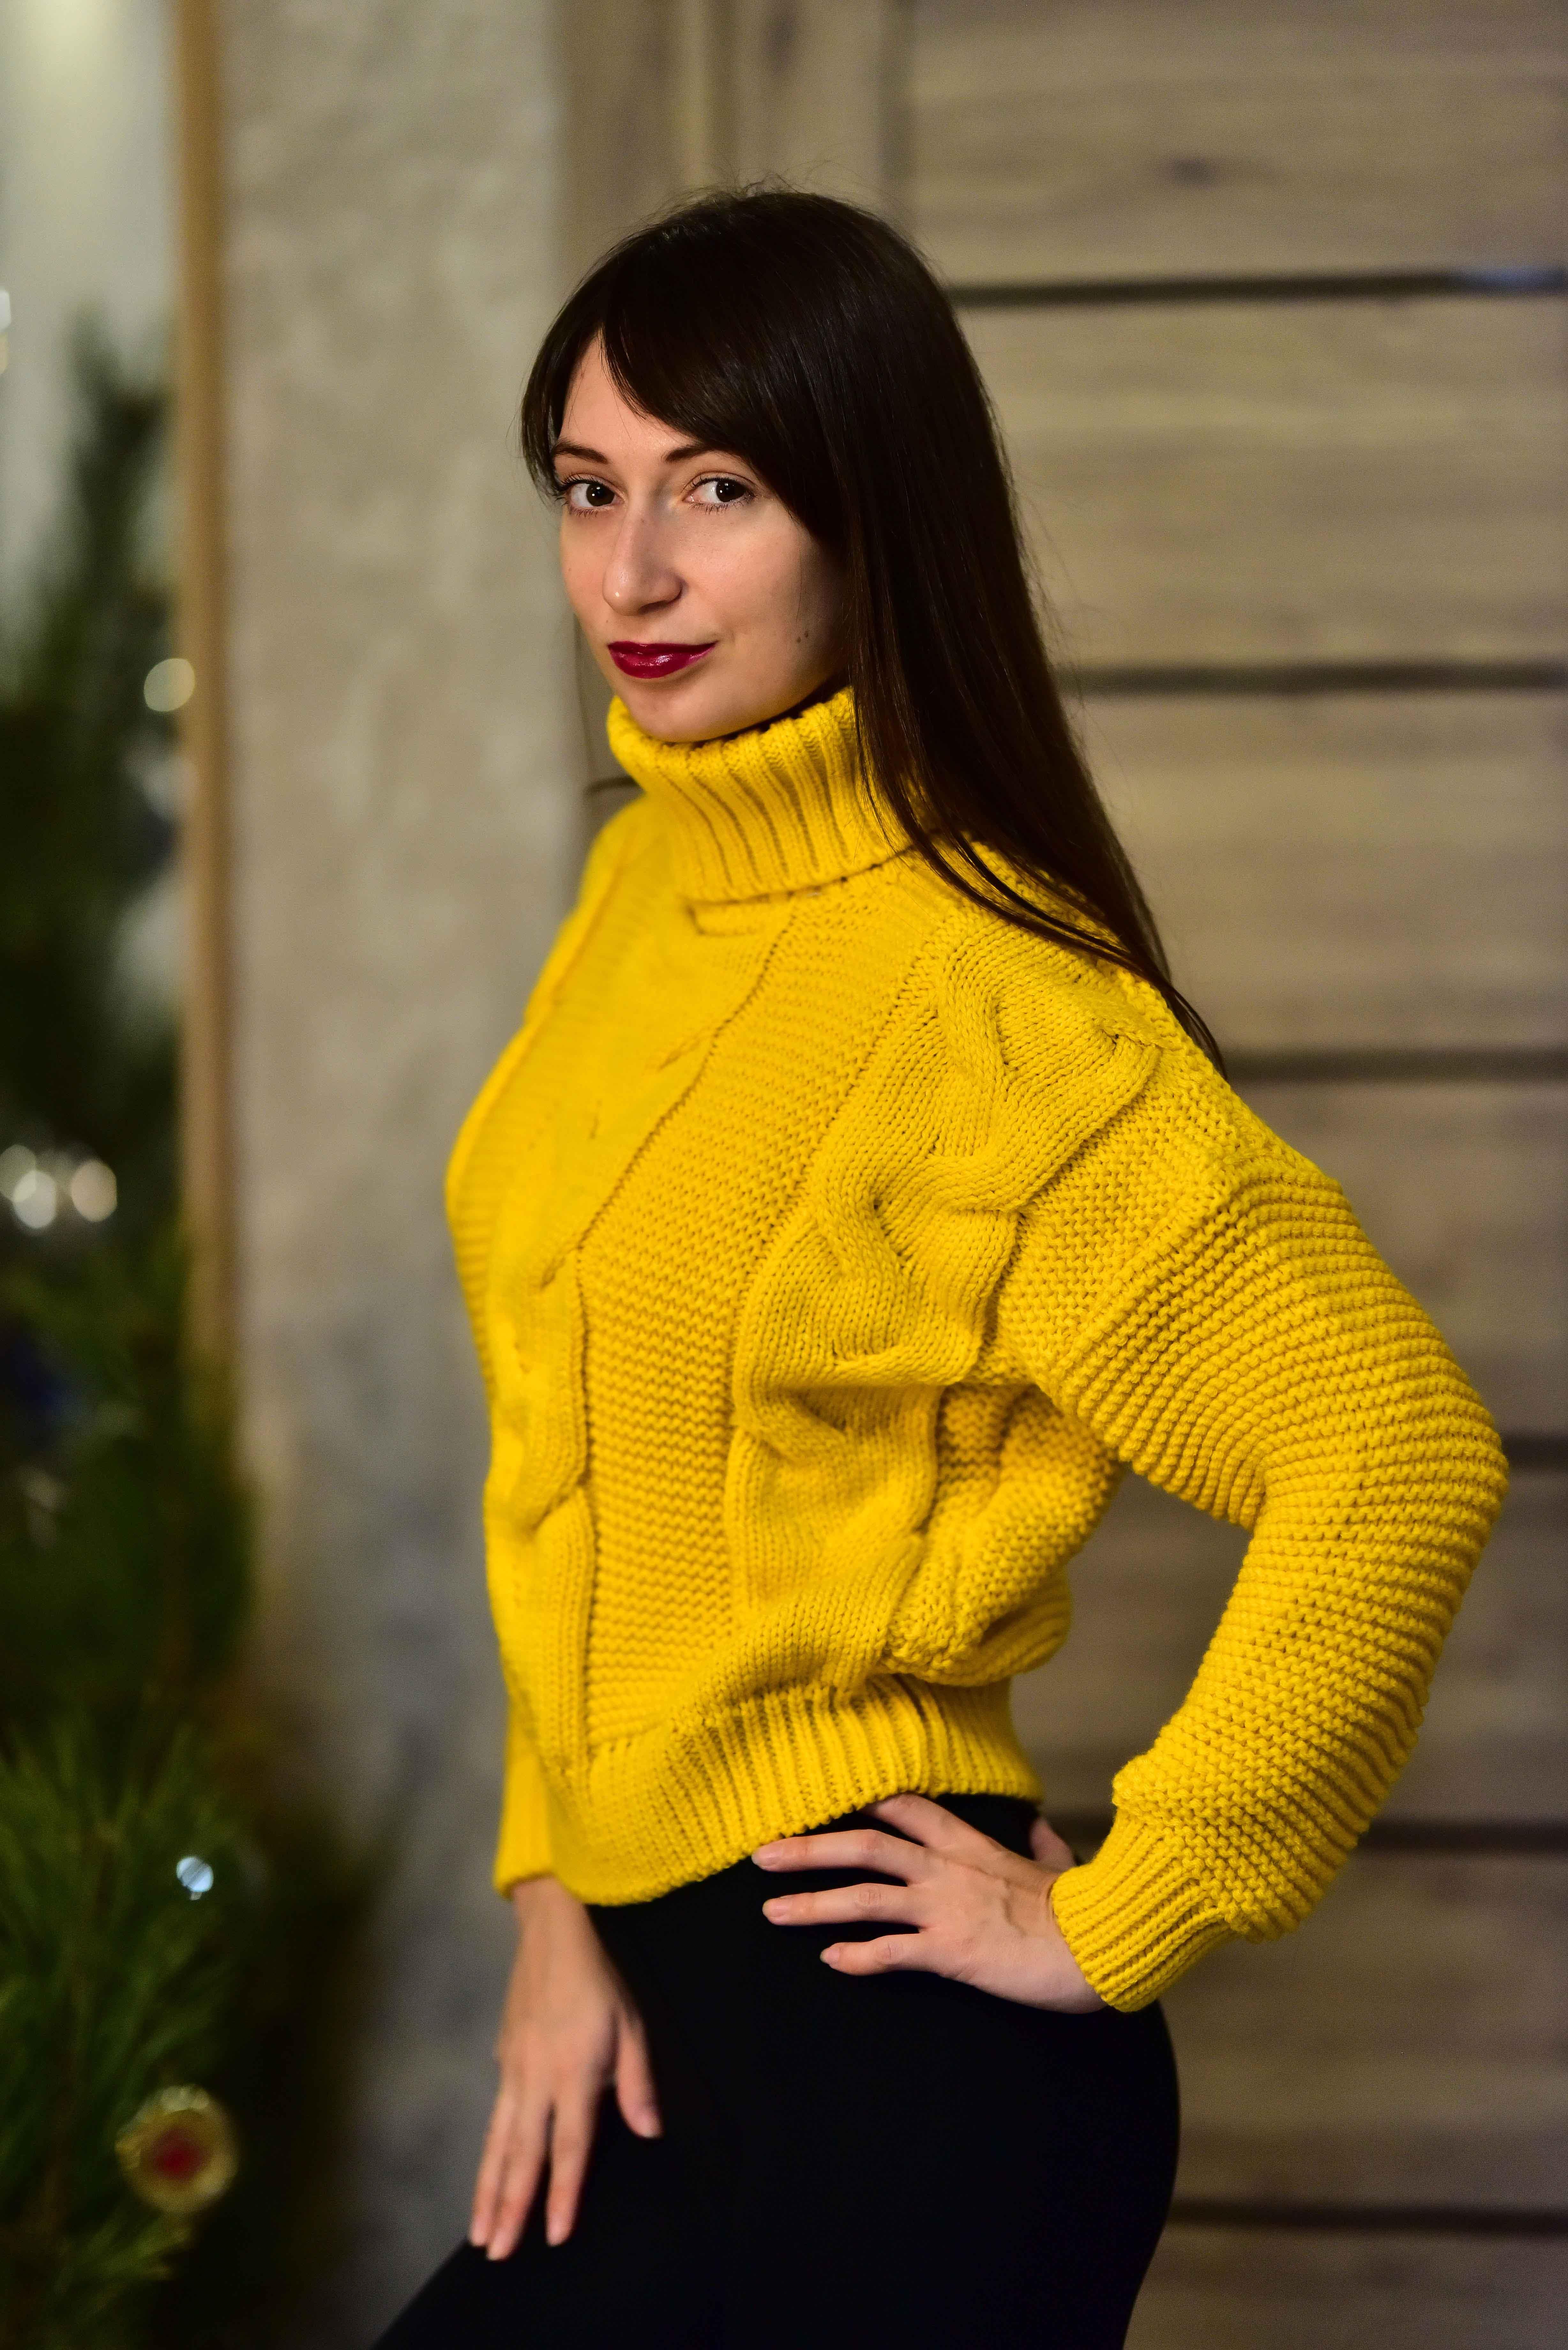 Тёплый жёлтый свитер от Tomorrow Store - характеристики